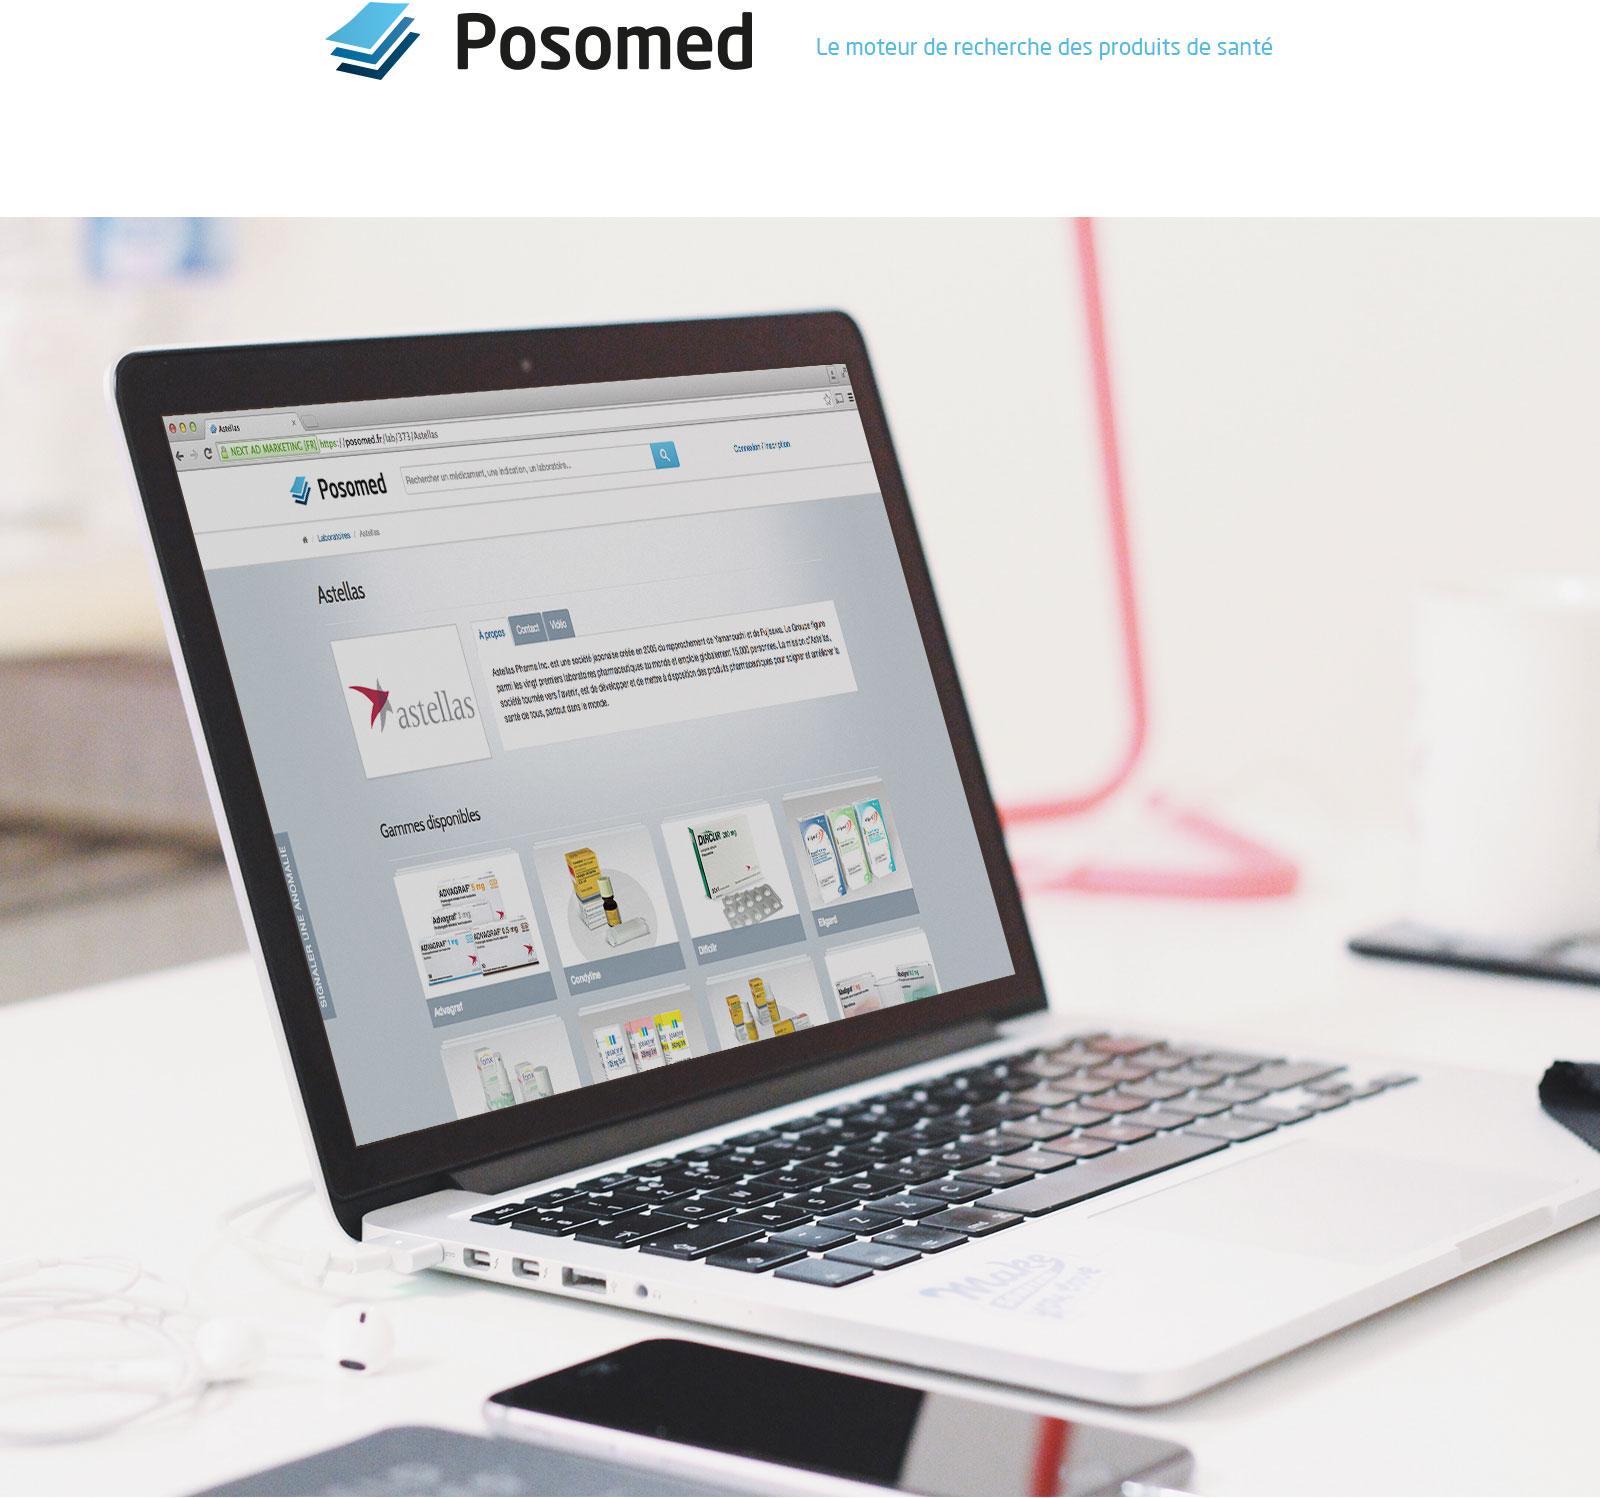 Posomed, le moteur de recherche des produits de santé